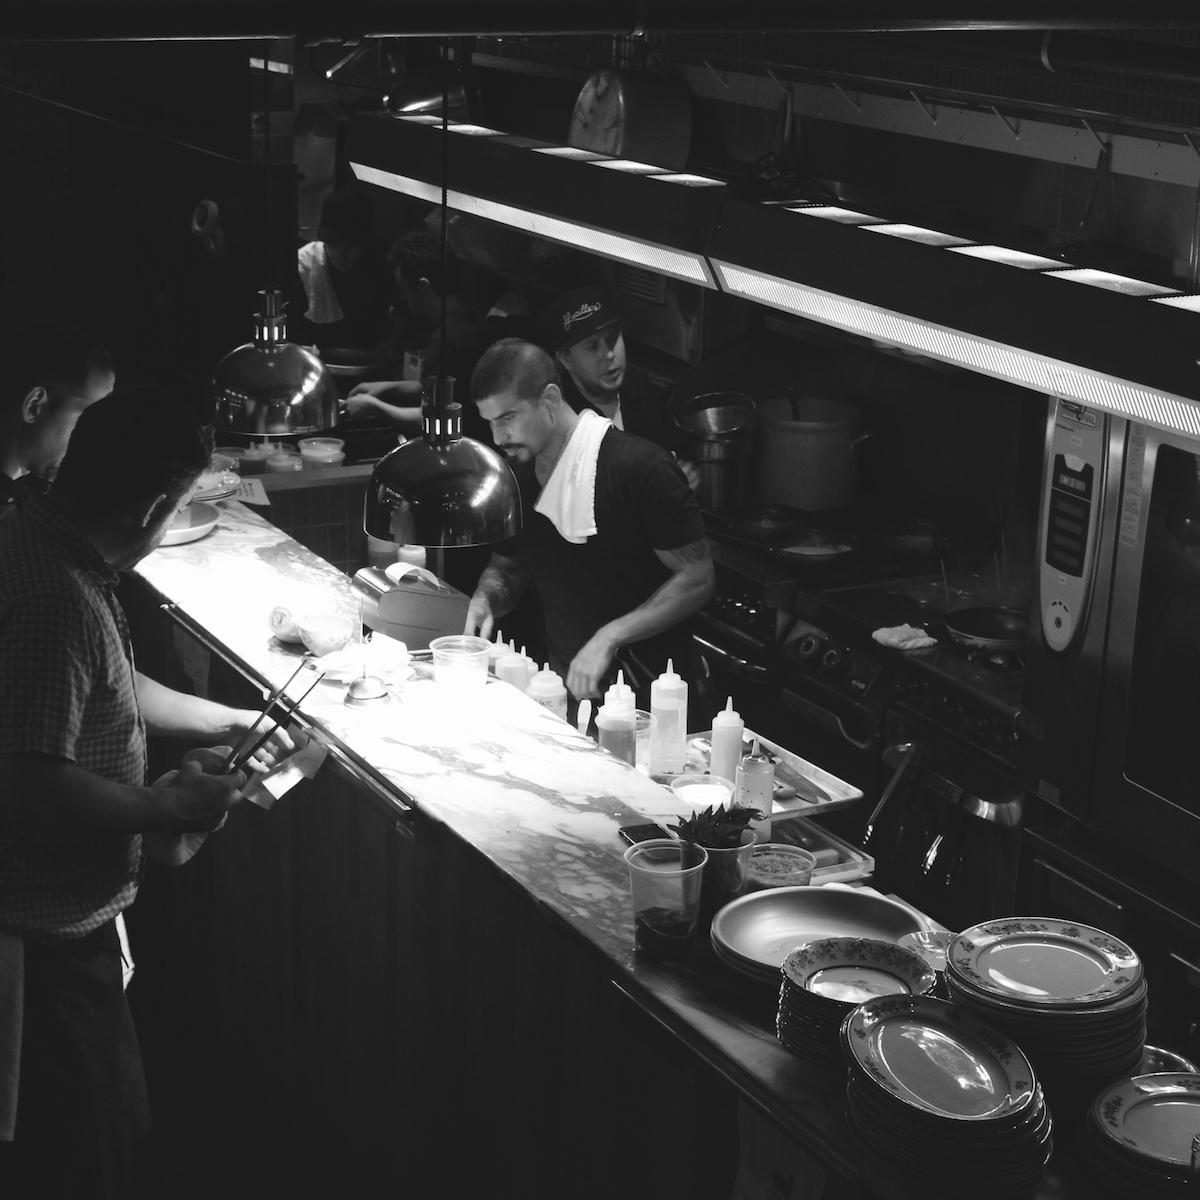 restaurant_parm_montreal_querelles_04